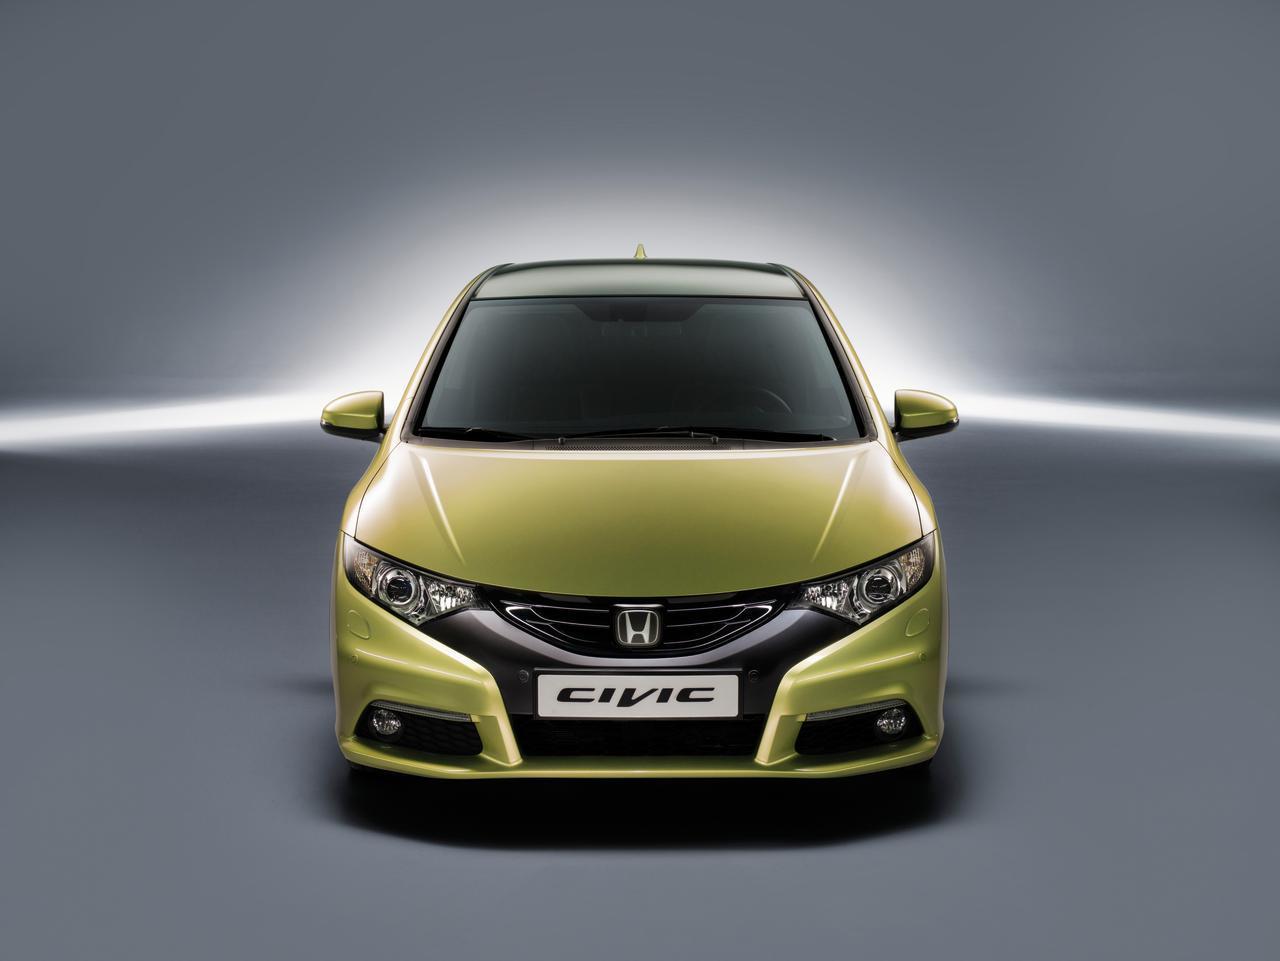 Foto de Honda Civic 2012 (21/153)